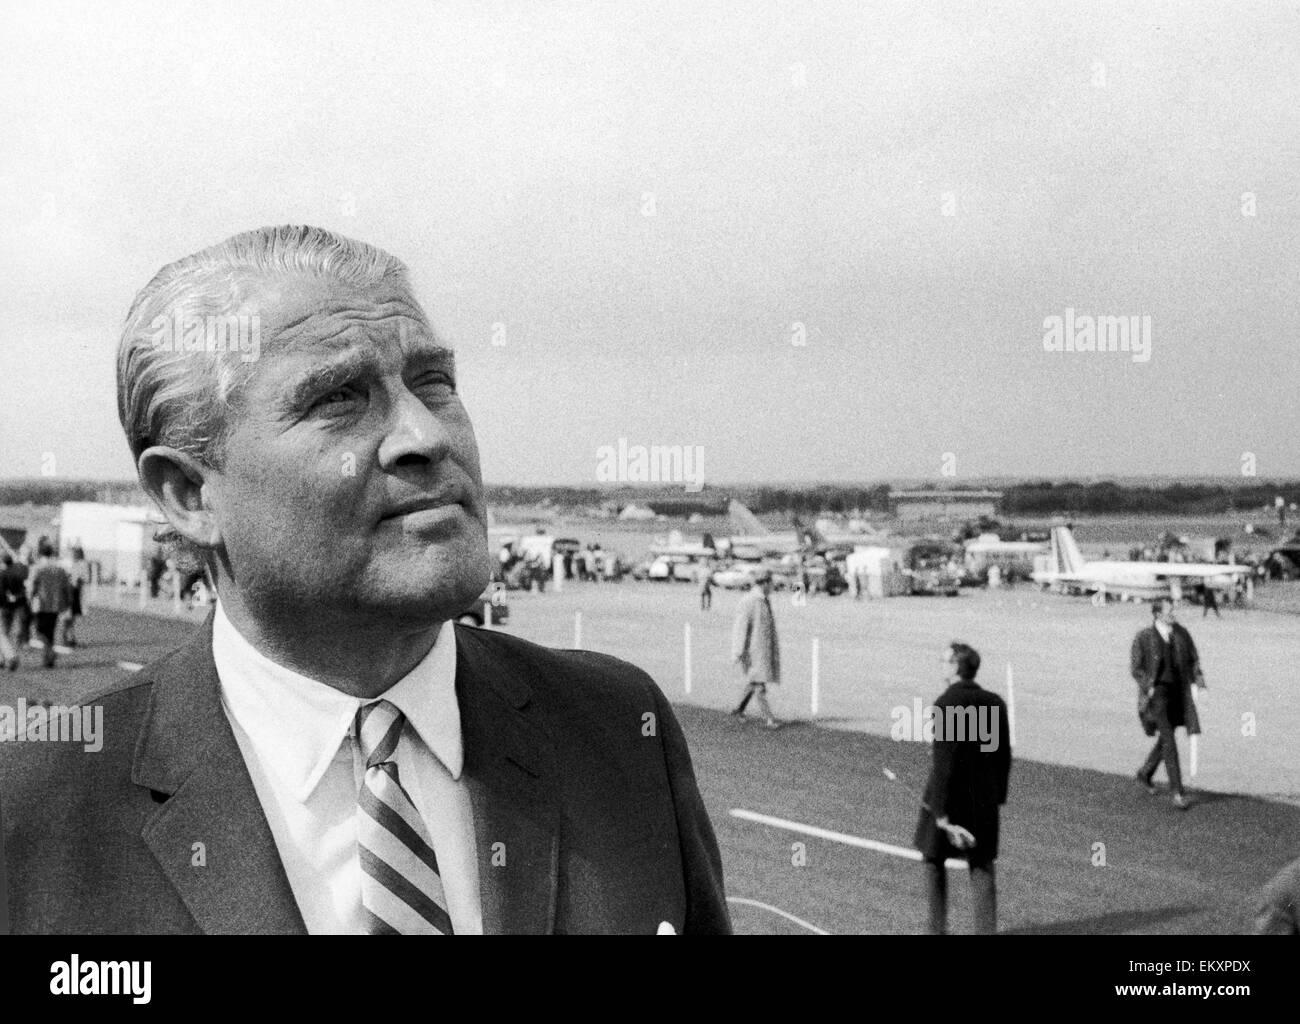 Wernher Von Braun die ehemalige deutsche Raketenwissenschaftler, die mit der Erfindung der V2-Rakete verwendet, Stockfoto